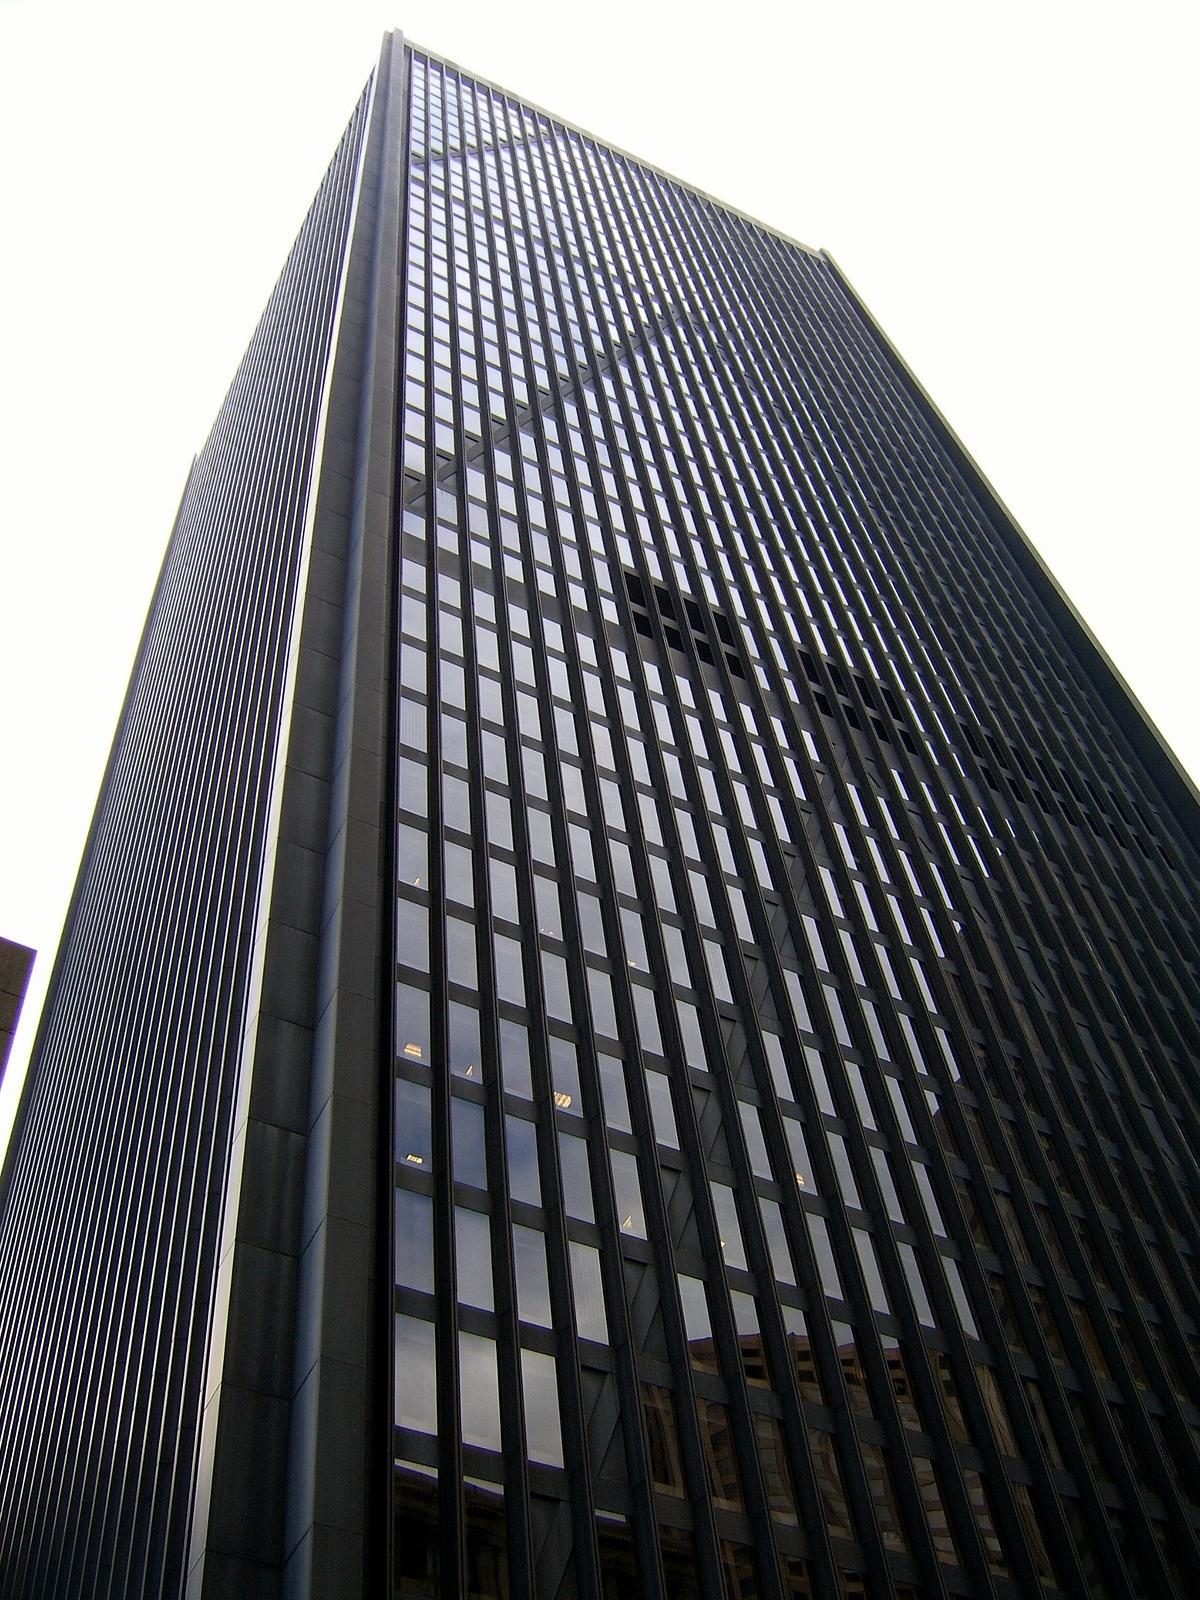 bigstock-Black-And-White-Skyscraper-322750.jpg